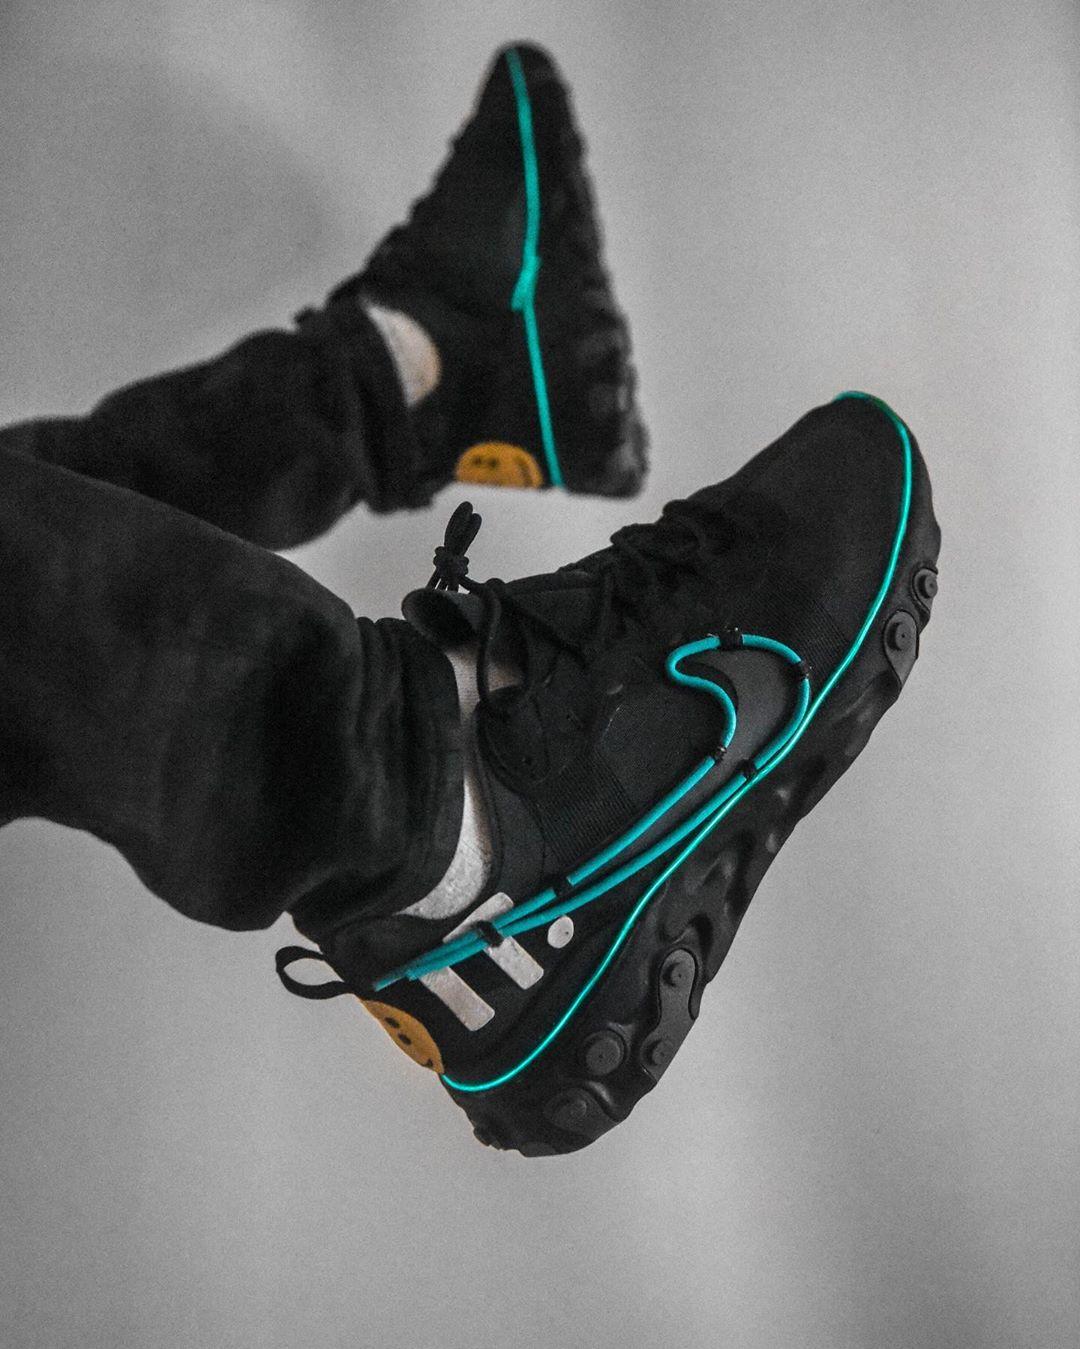 Pin by SNKR on Nike schoenen   Sneakers